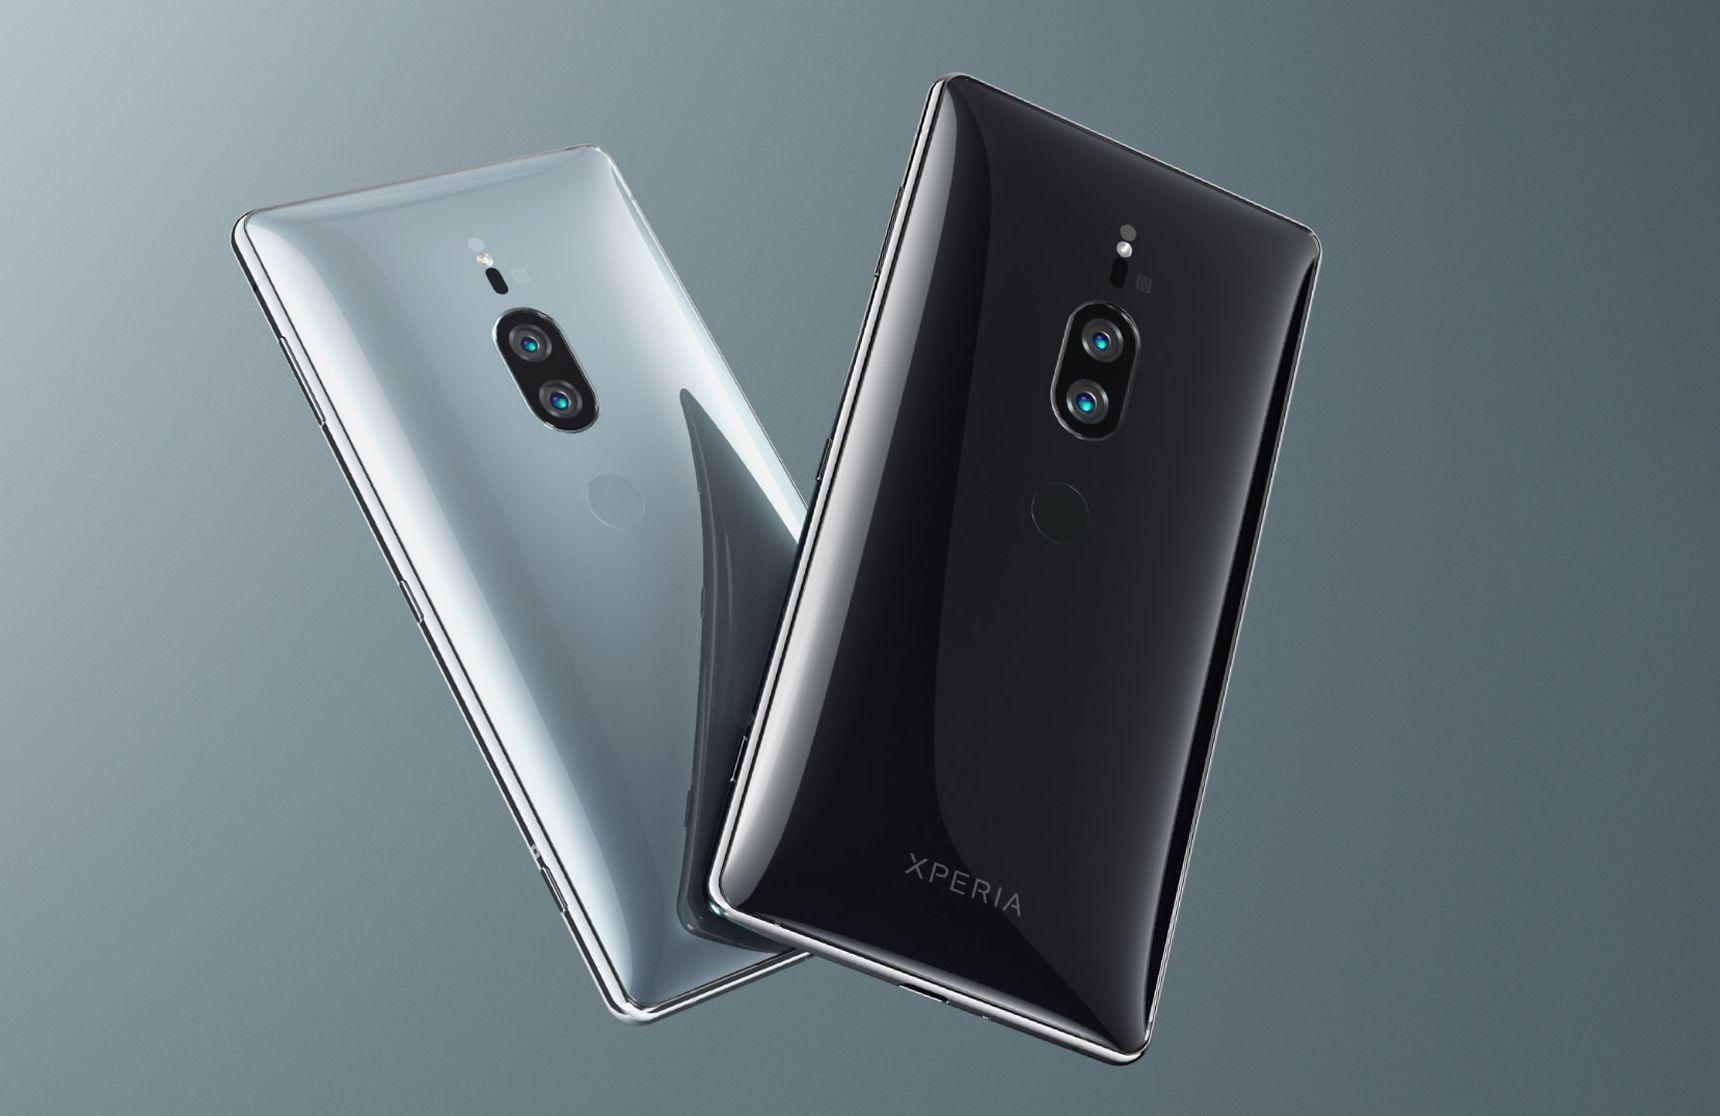 Sony Xperia XZ2 Premium oficiálně: nabízí nejlepší fotoaparát na trhu?